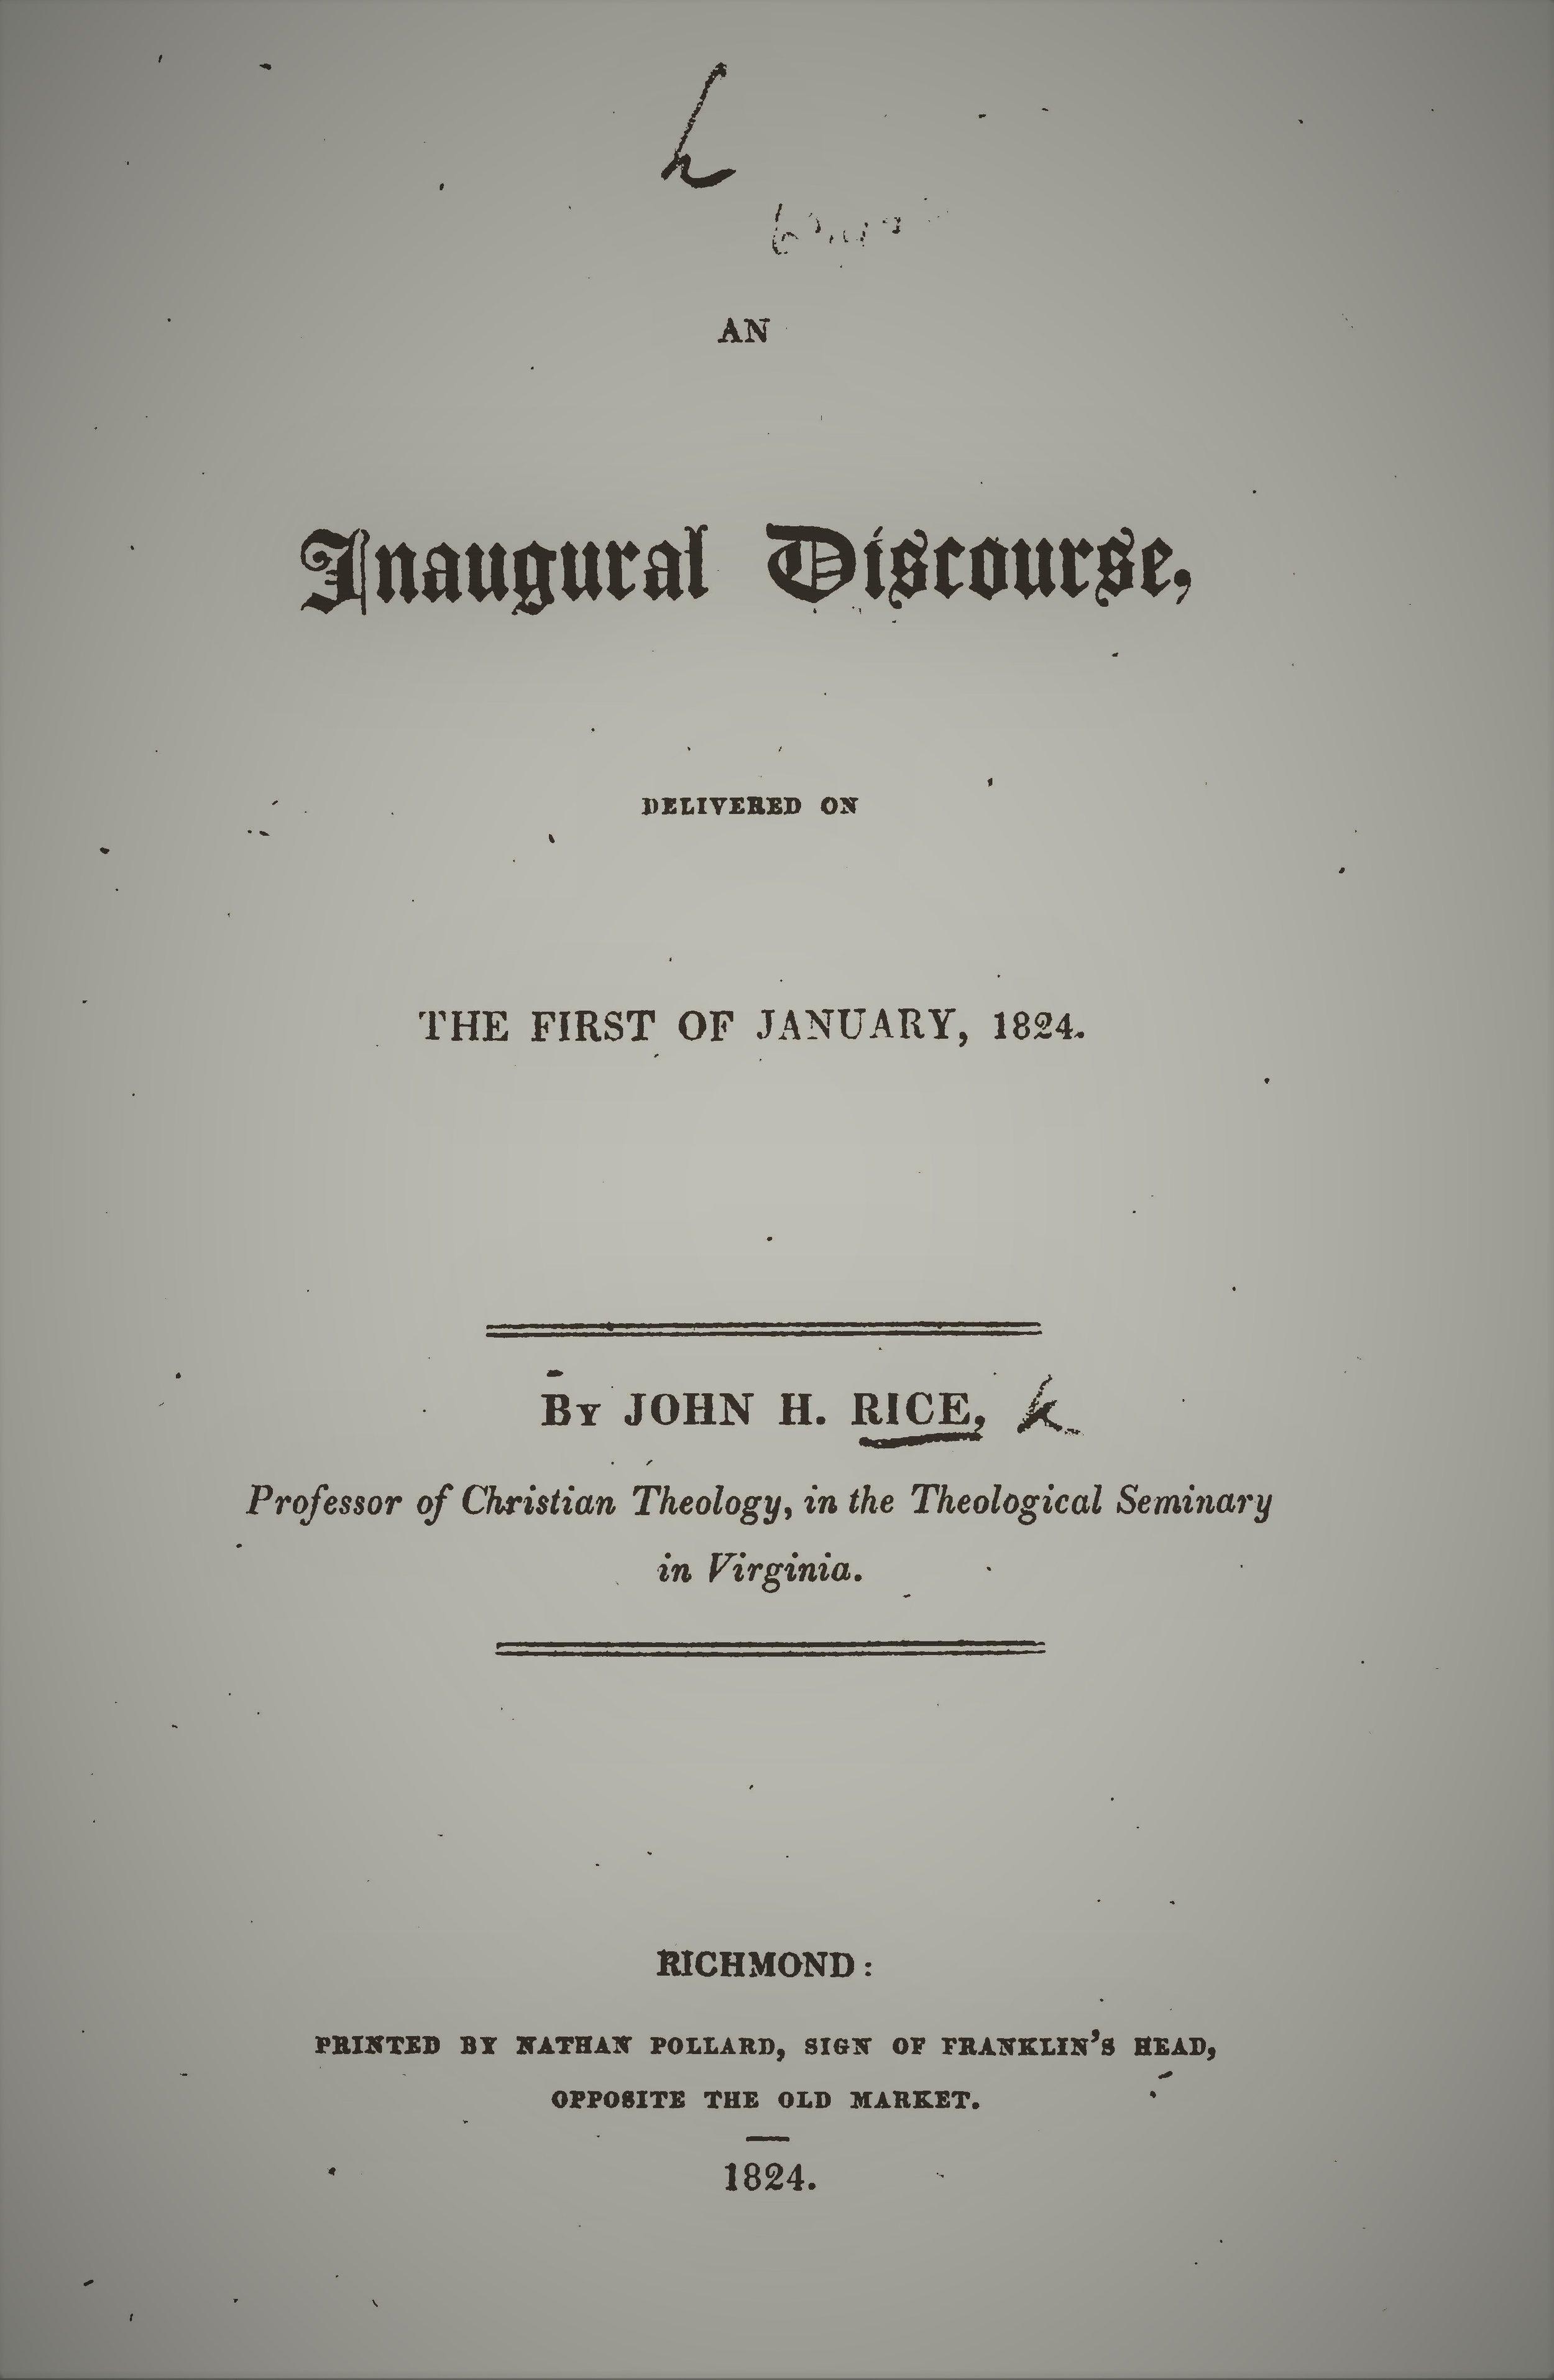 Rice, John Holt - Inaugural Discourse.jpg